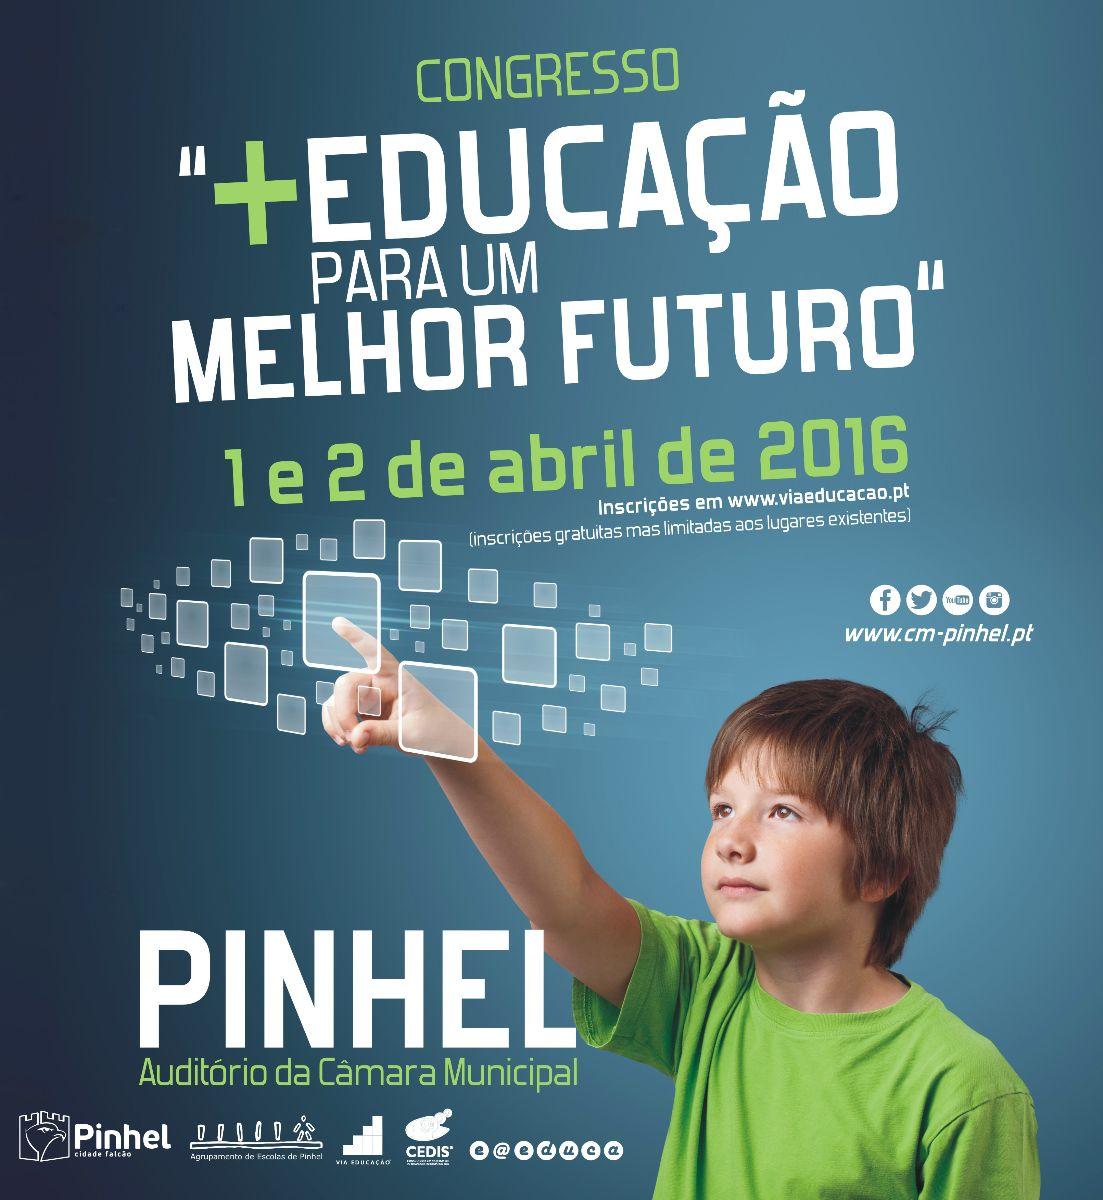 + EDUCAÇÃO para um MELHOR FUTURO